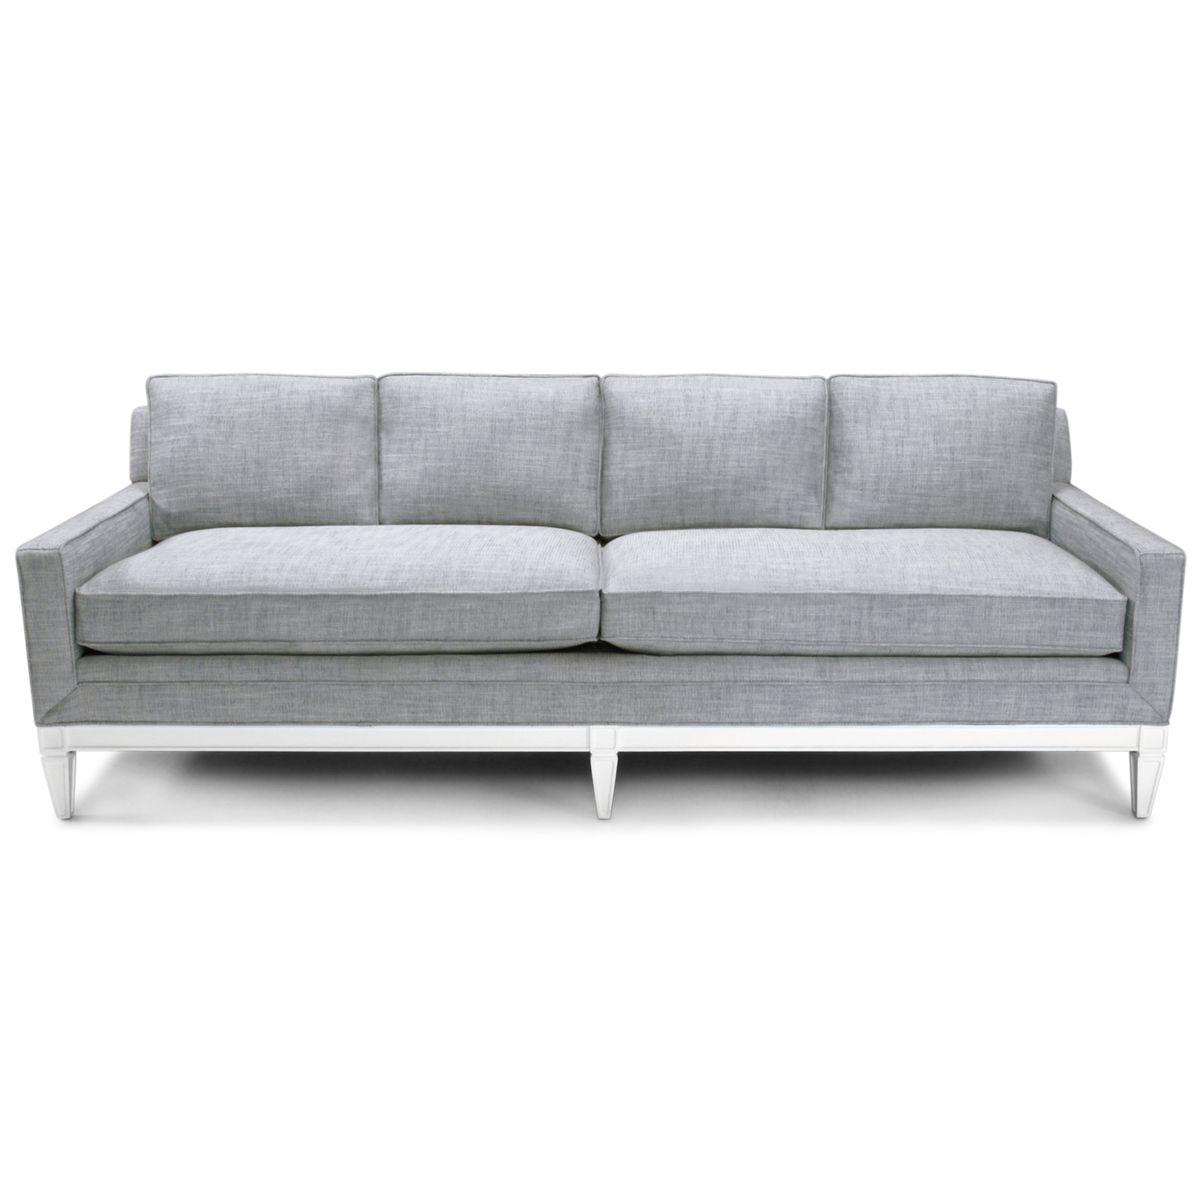 jonathan-adler-couch